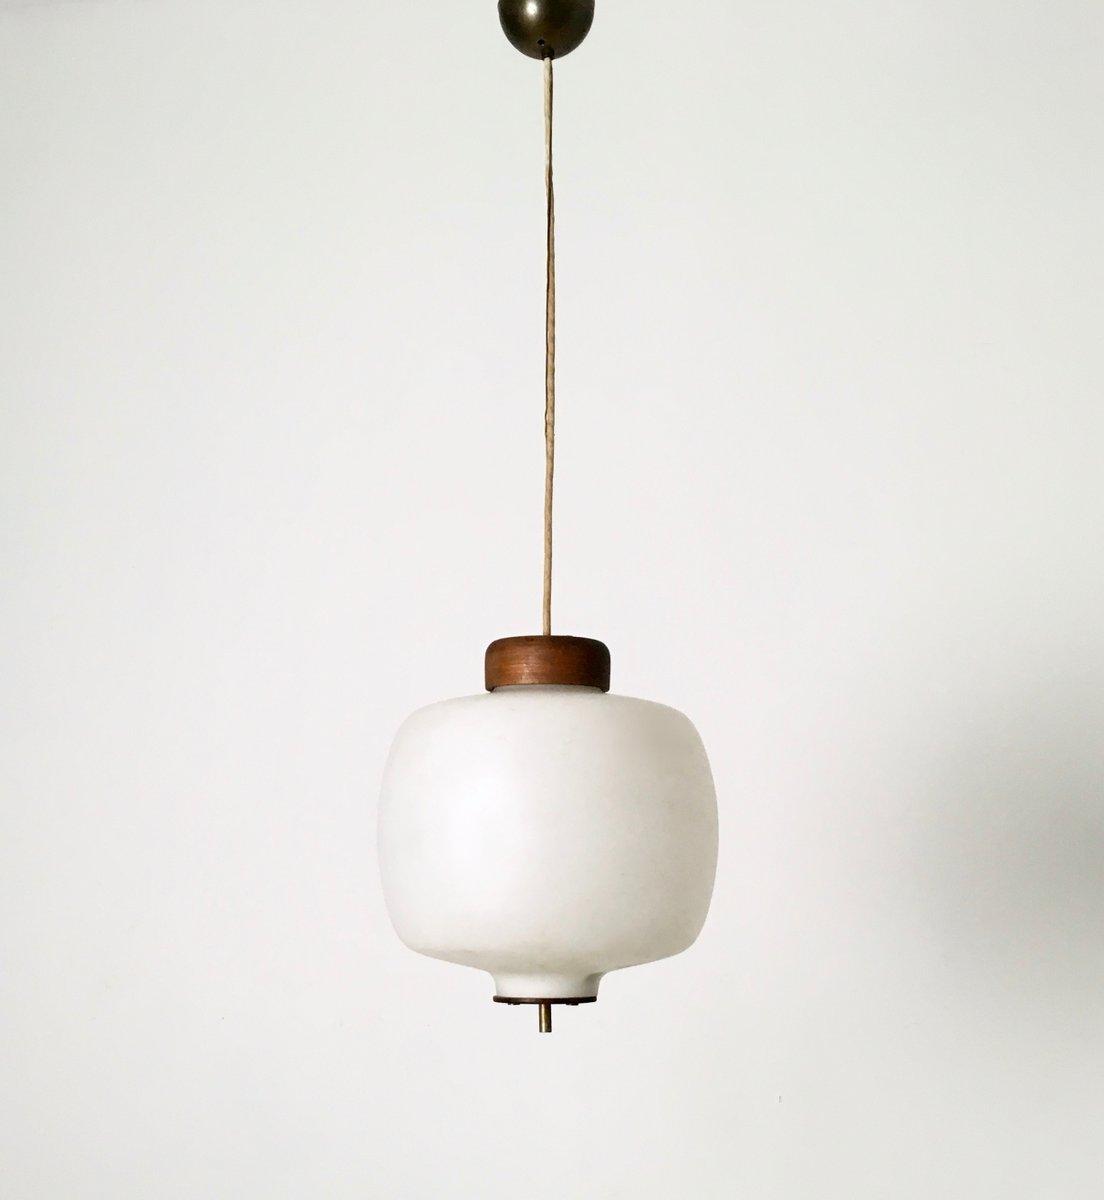 italienische h ngelampe aus messing glas teak 1950er. Black Bedroom Furniture Sets. Home Design Ideas